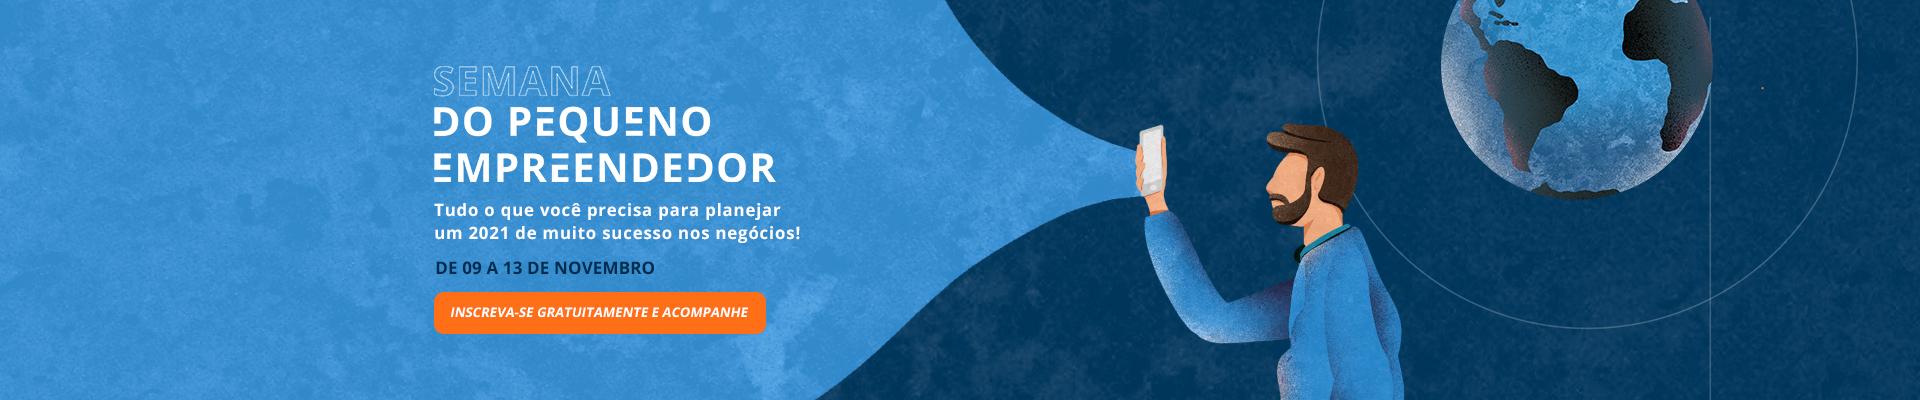 Semana do Pequeno Empreendedor – Lançamento – Desktop